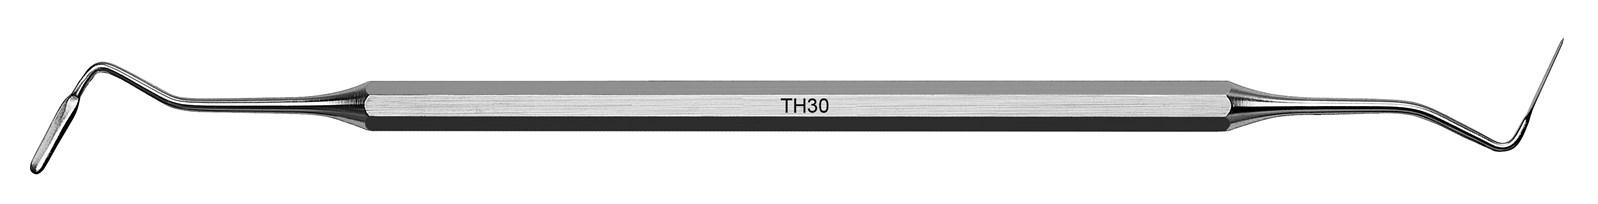 Periotom - TH30, ADEP růžový